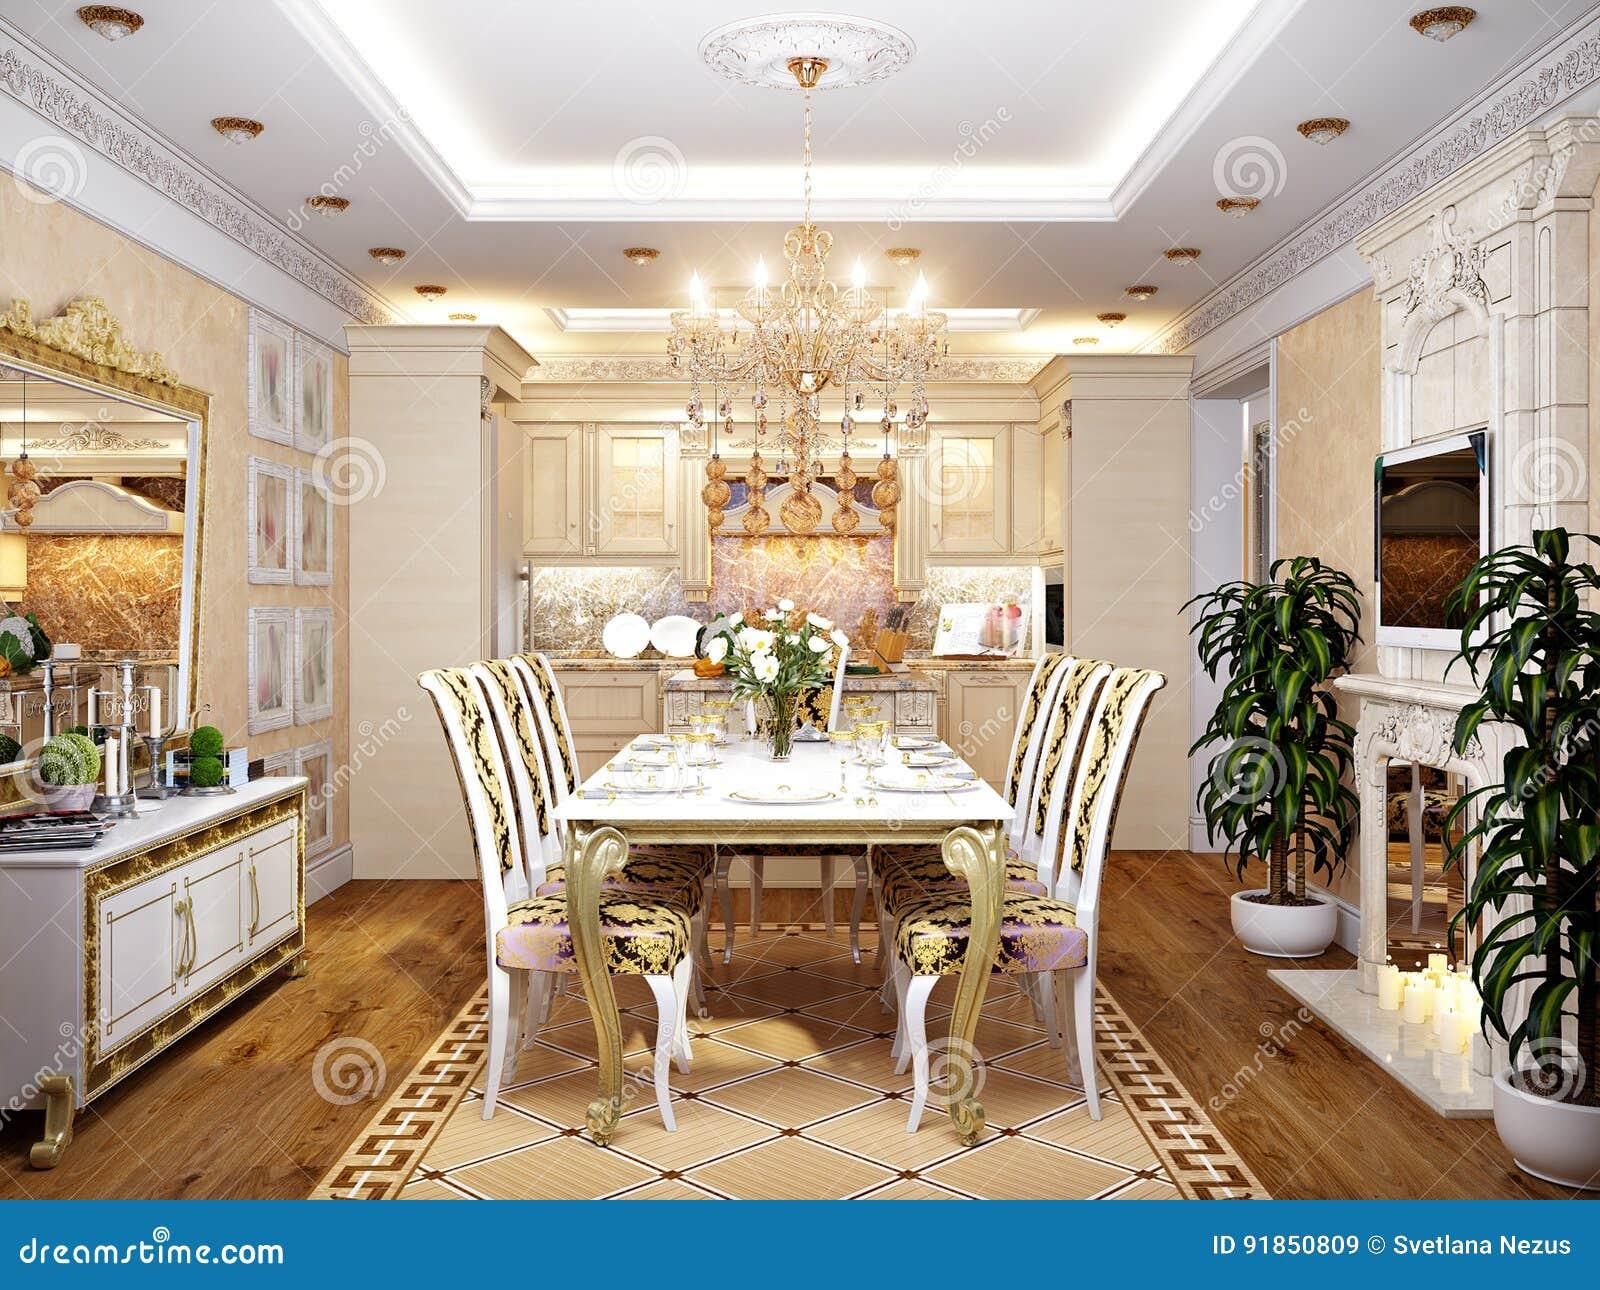 Cucina Barrocco Classica Lussuosa E Sala Da Pranzo Illustrazione Di Stock Illustrazione Di Costruzione Mobilia 91850809